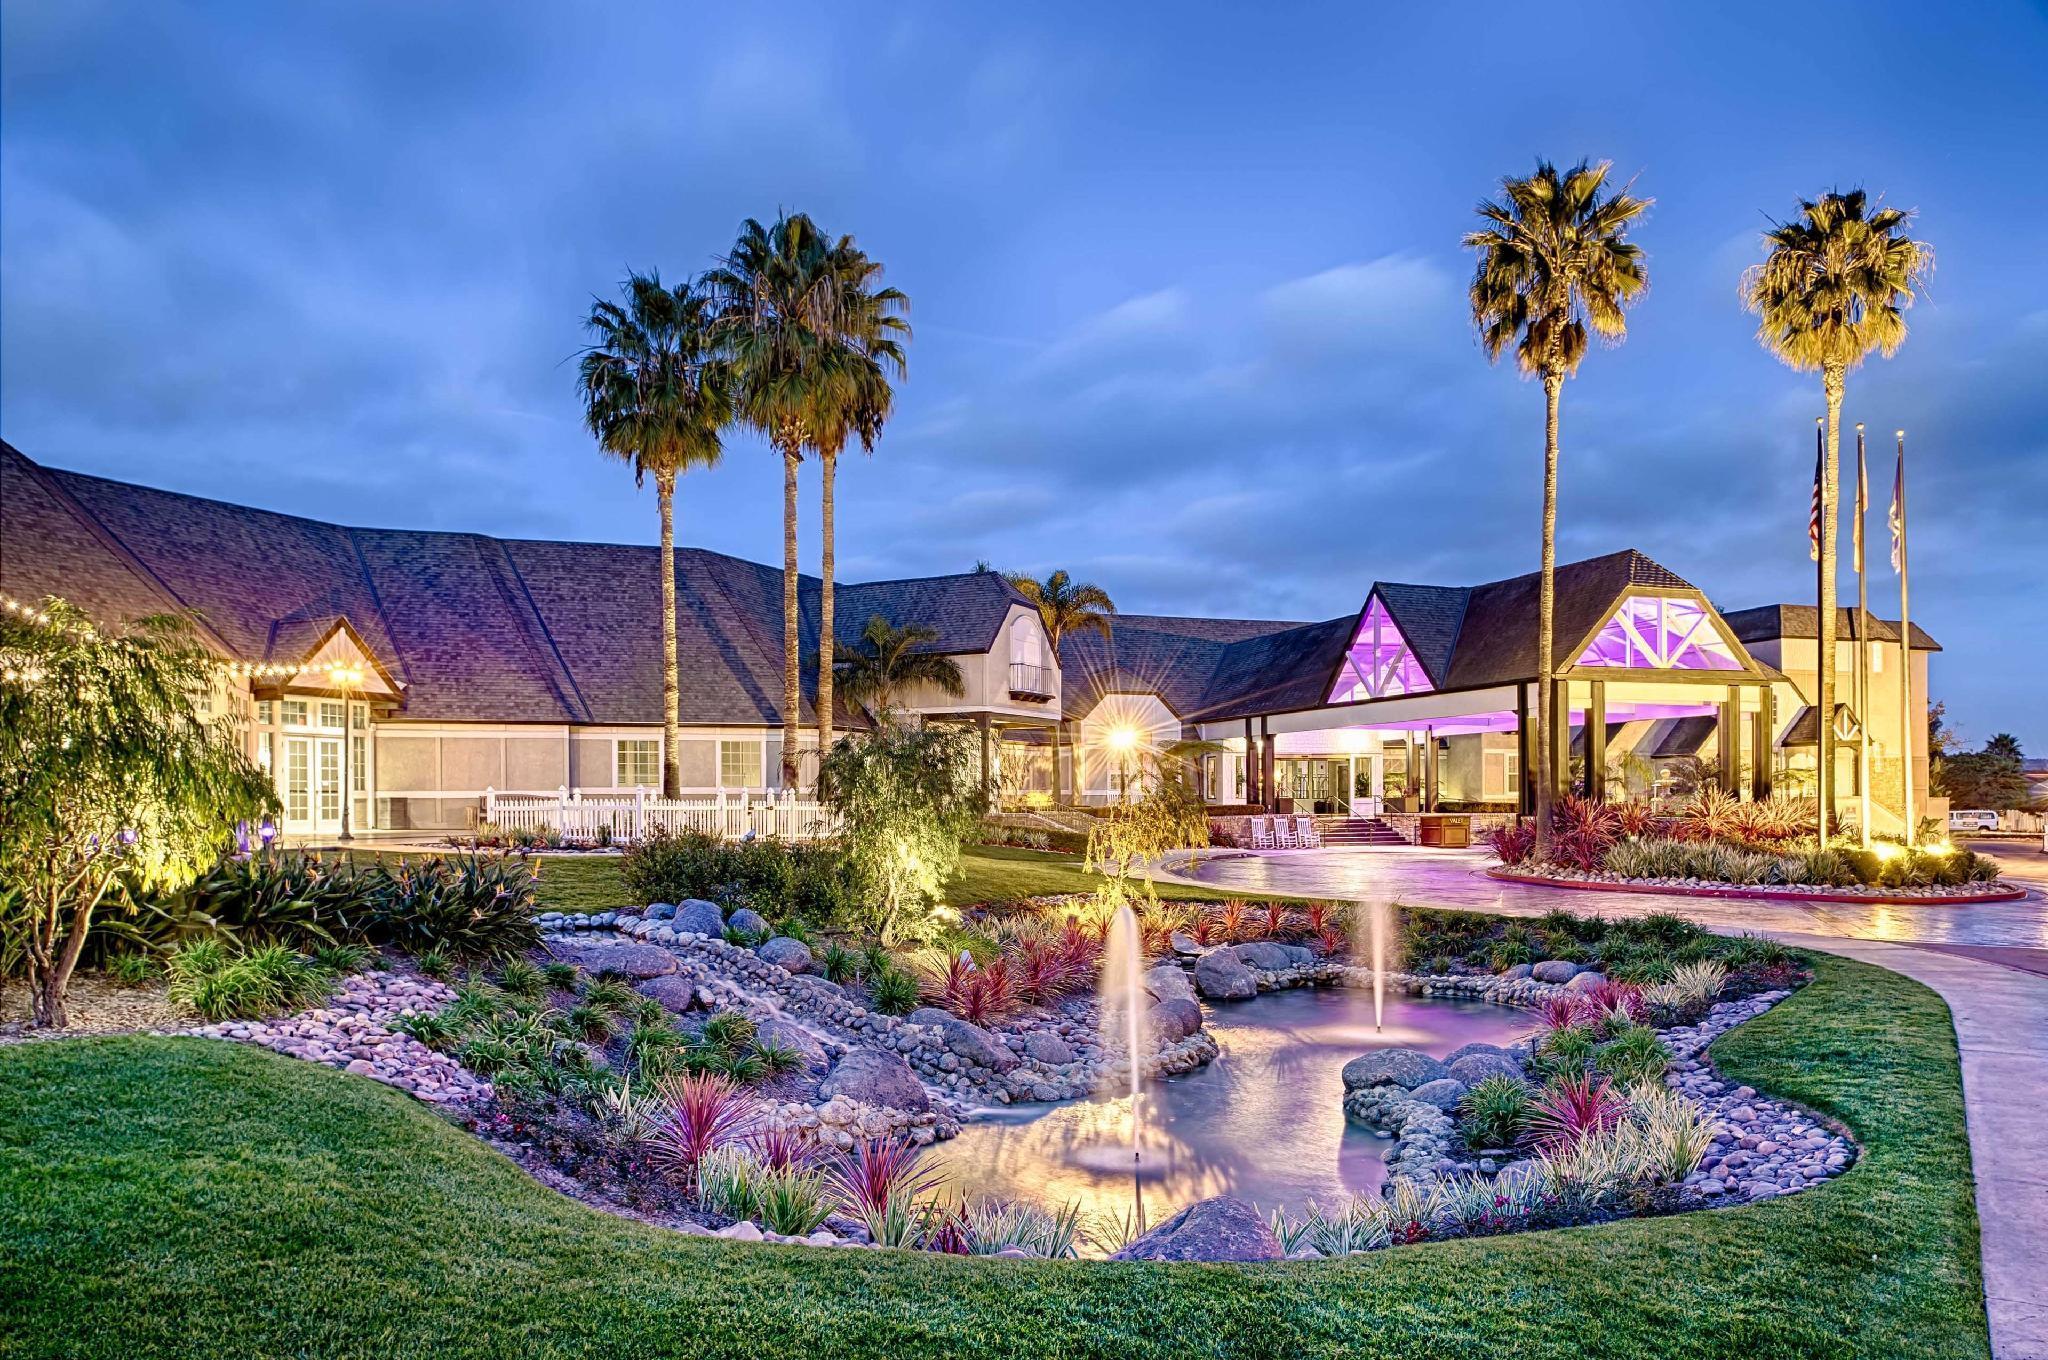 Hilton San Diego Del Mar Hotel image